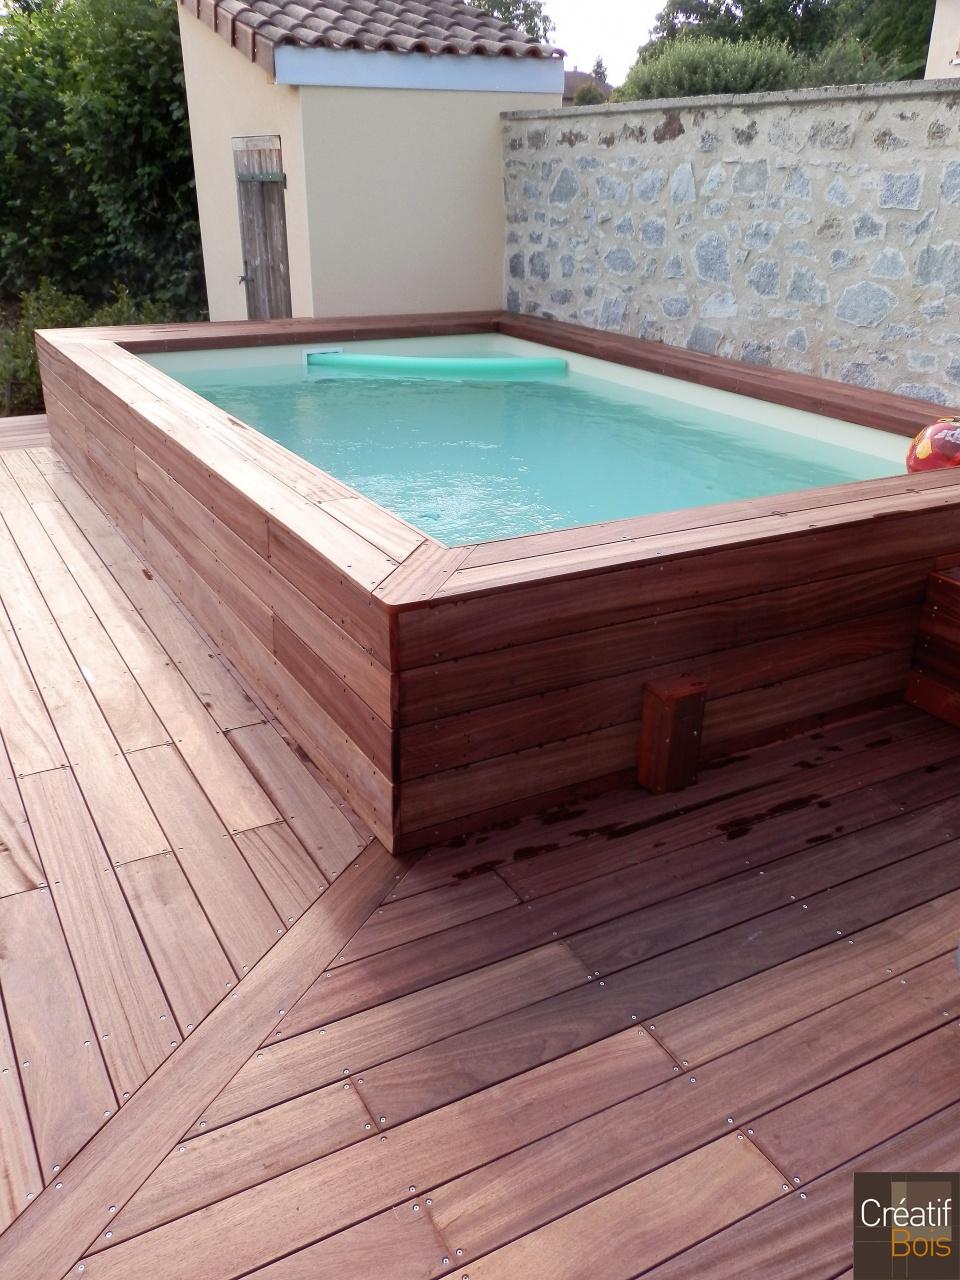 habillage bois piscine tubulaire. Black Bedroom Furniture Sets. Home Design Ideas